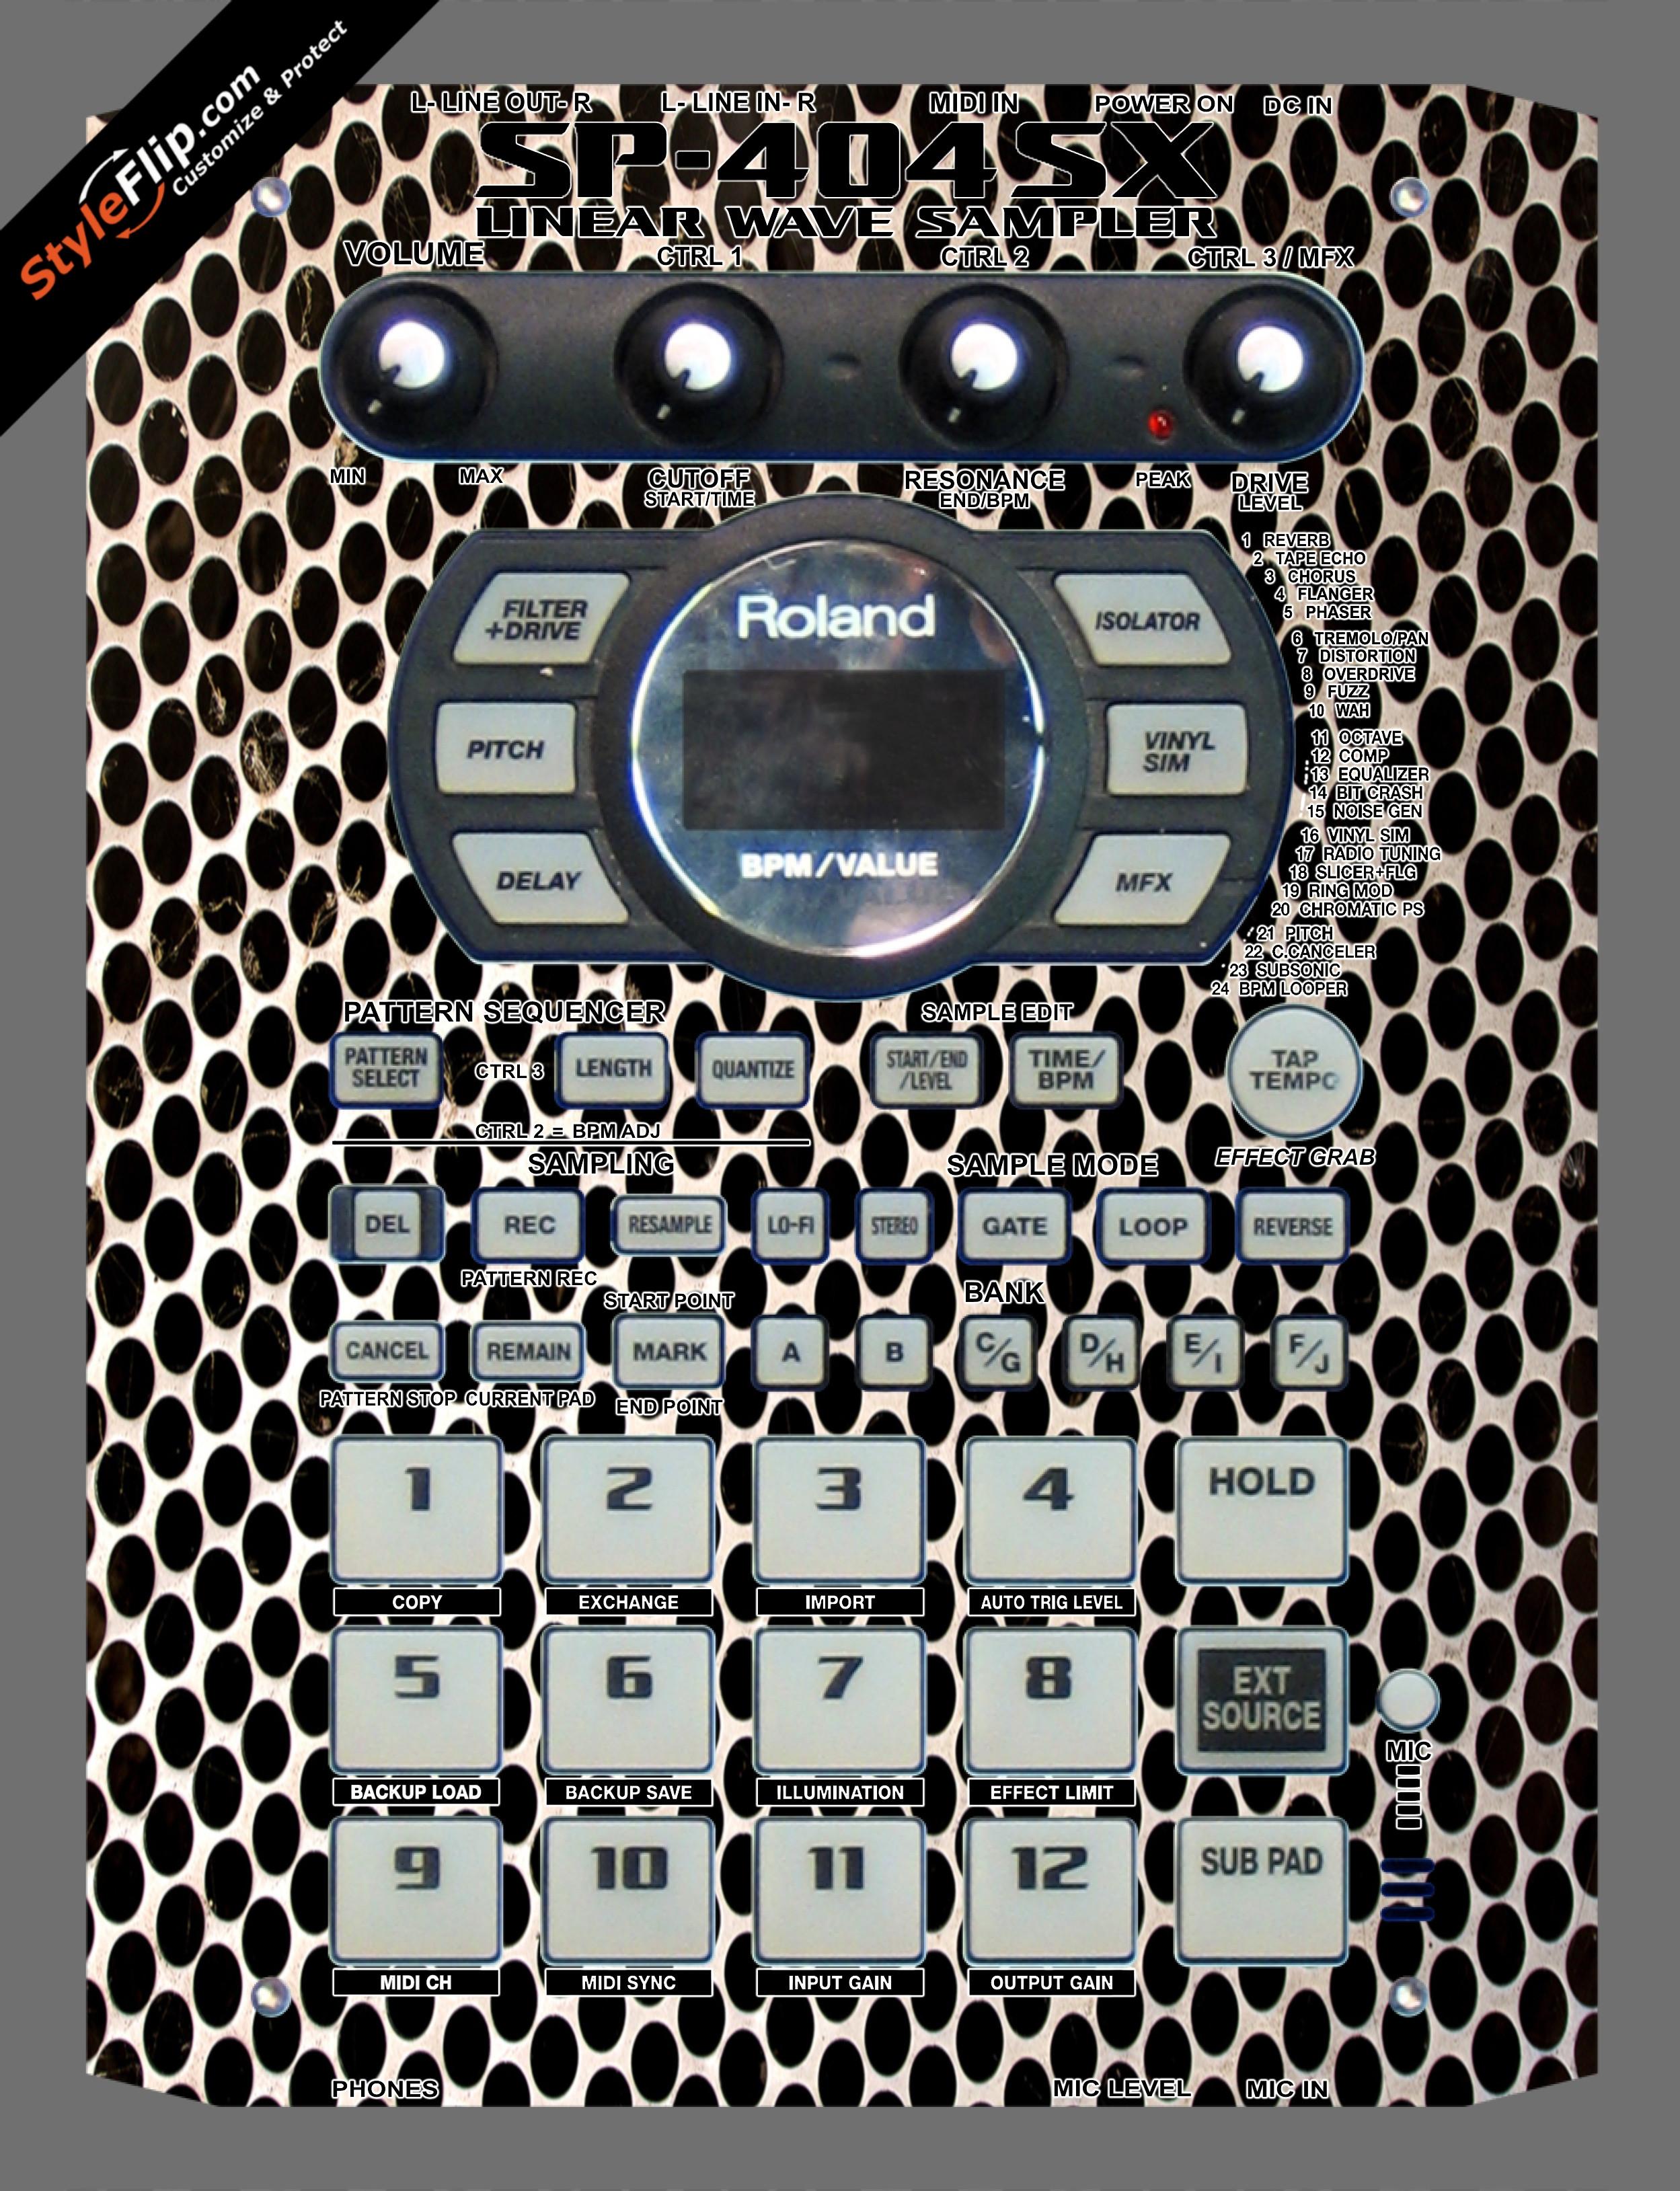 Bass Face Roland SP-404 SX